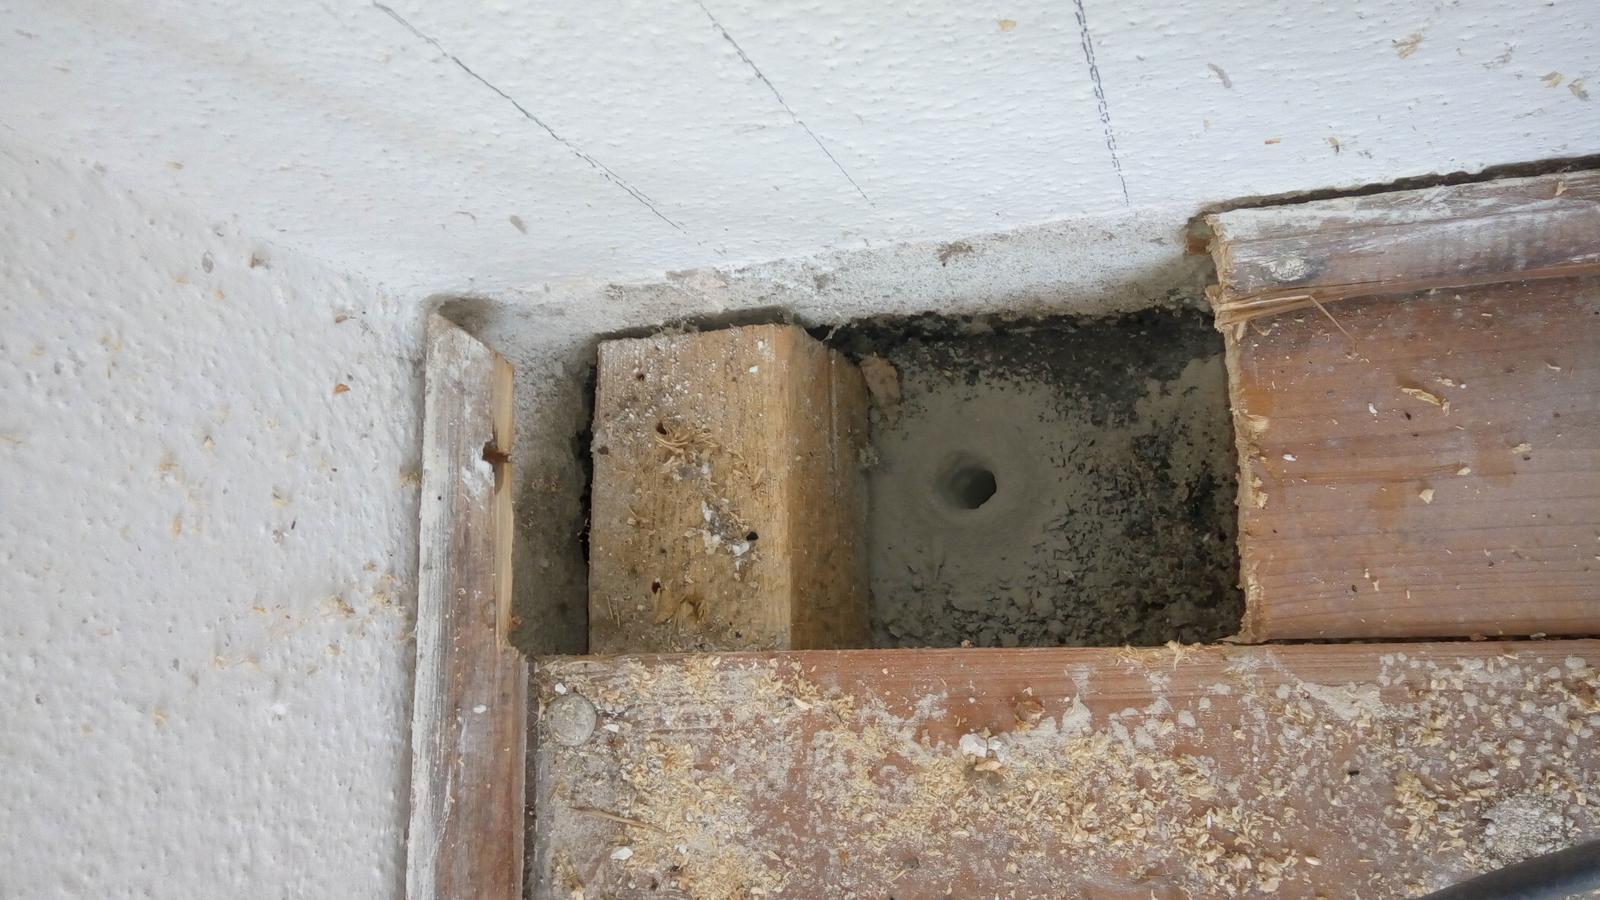 Prerabka domu po rodicoch - Pod podlahou krasne sucho